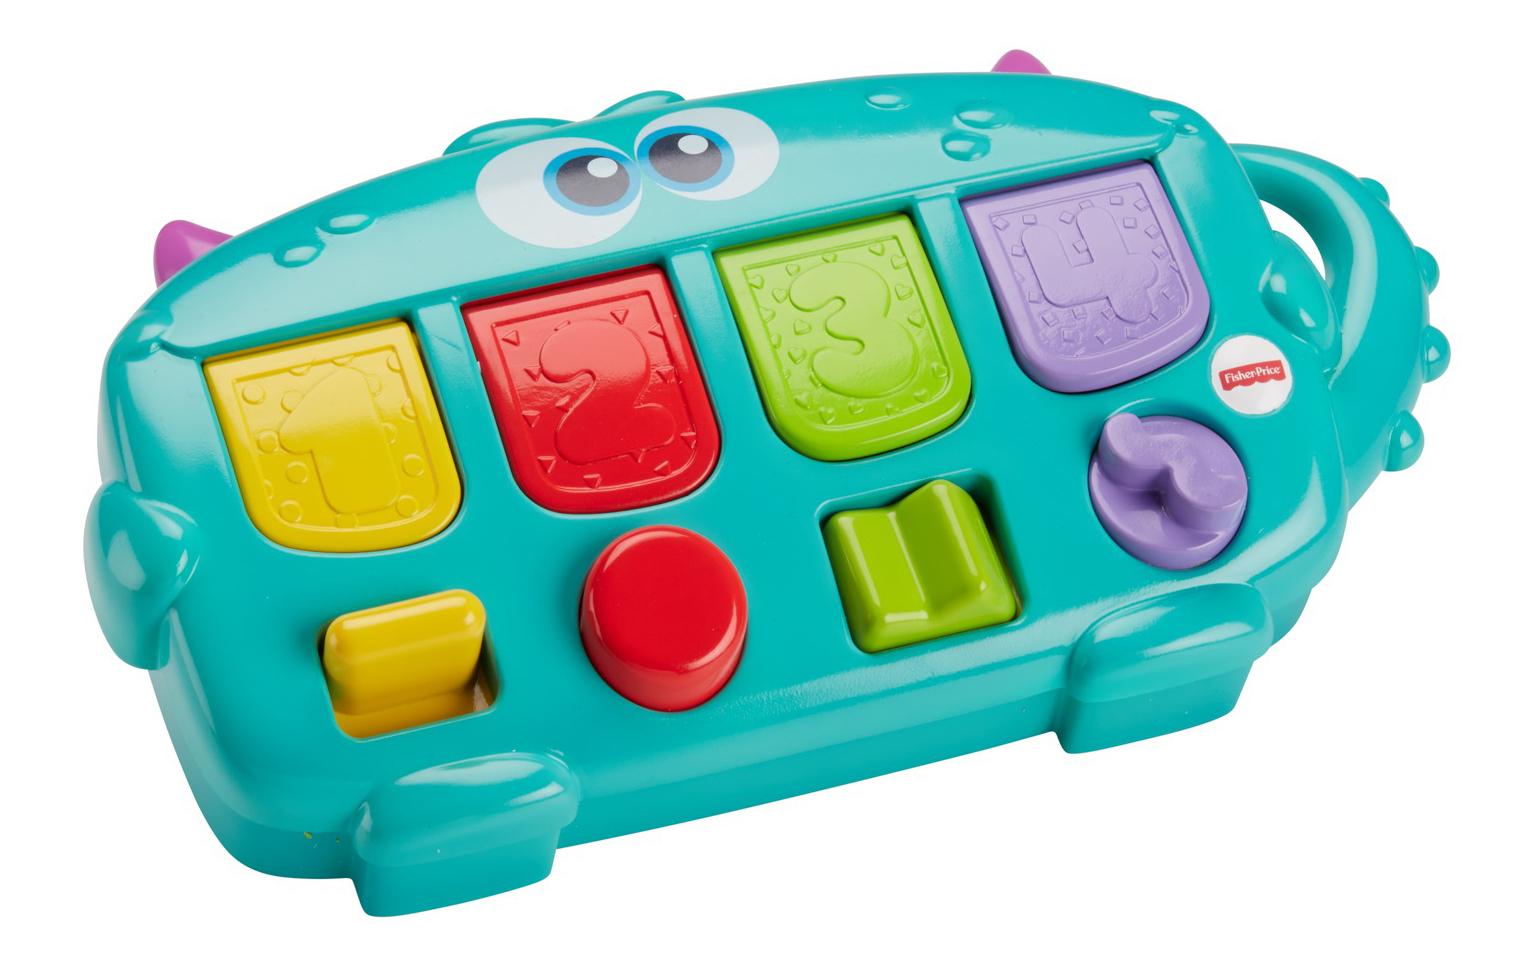 Купить Интерактивная развивающая игрушка Fisher-Price® Monster pop-up surprise DYM89, Развивающие игрушки